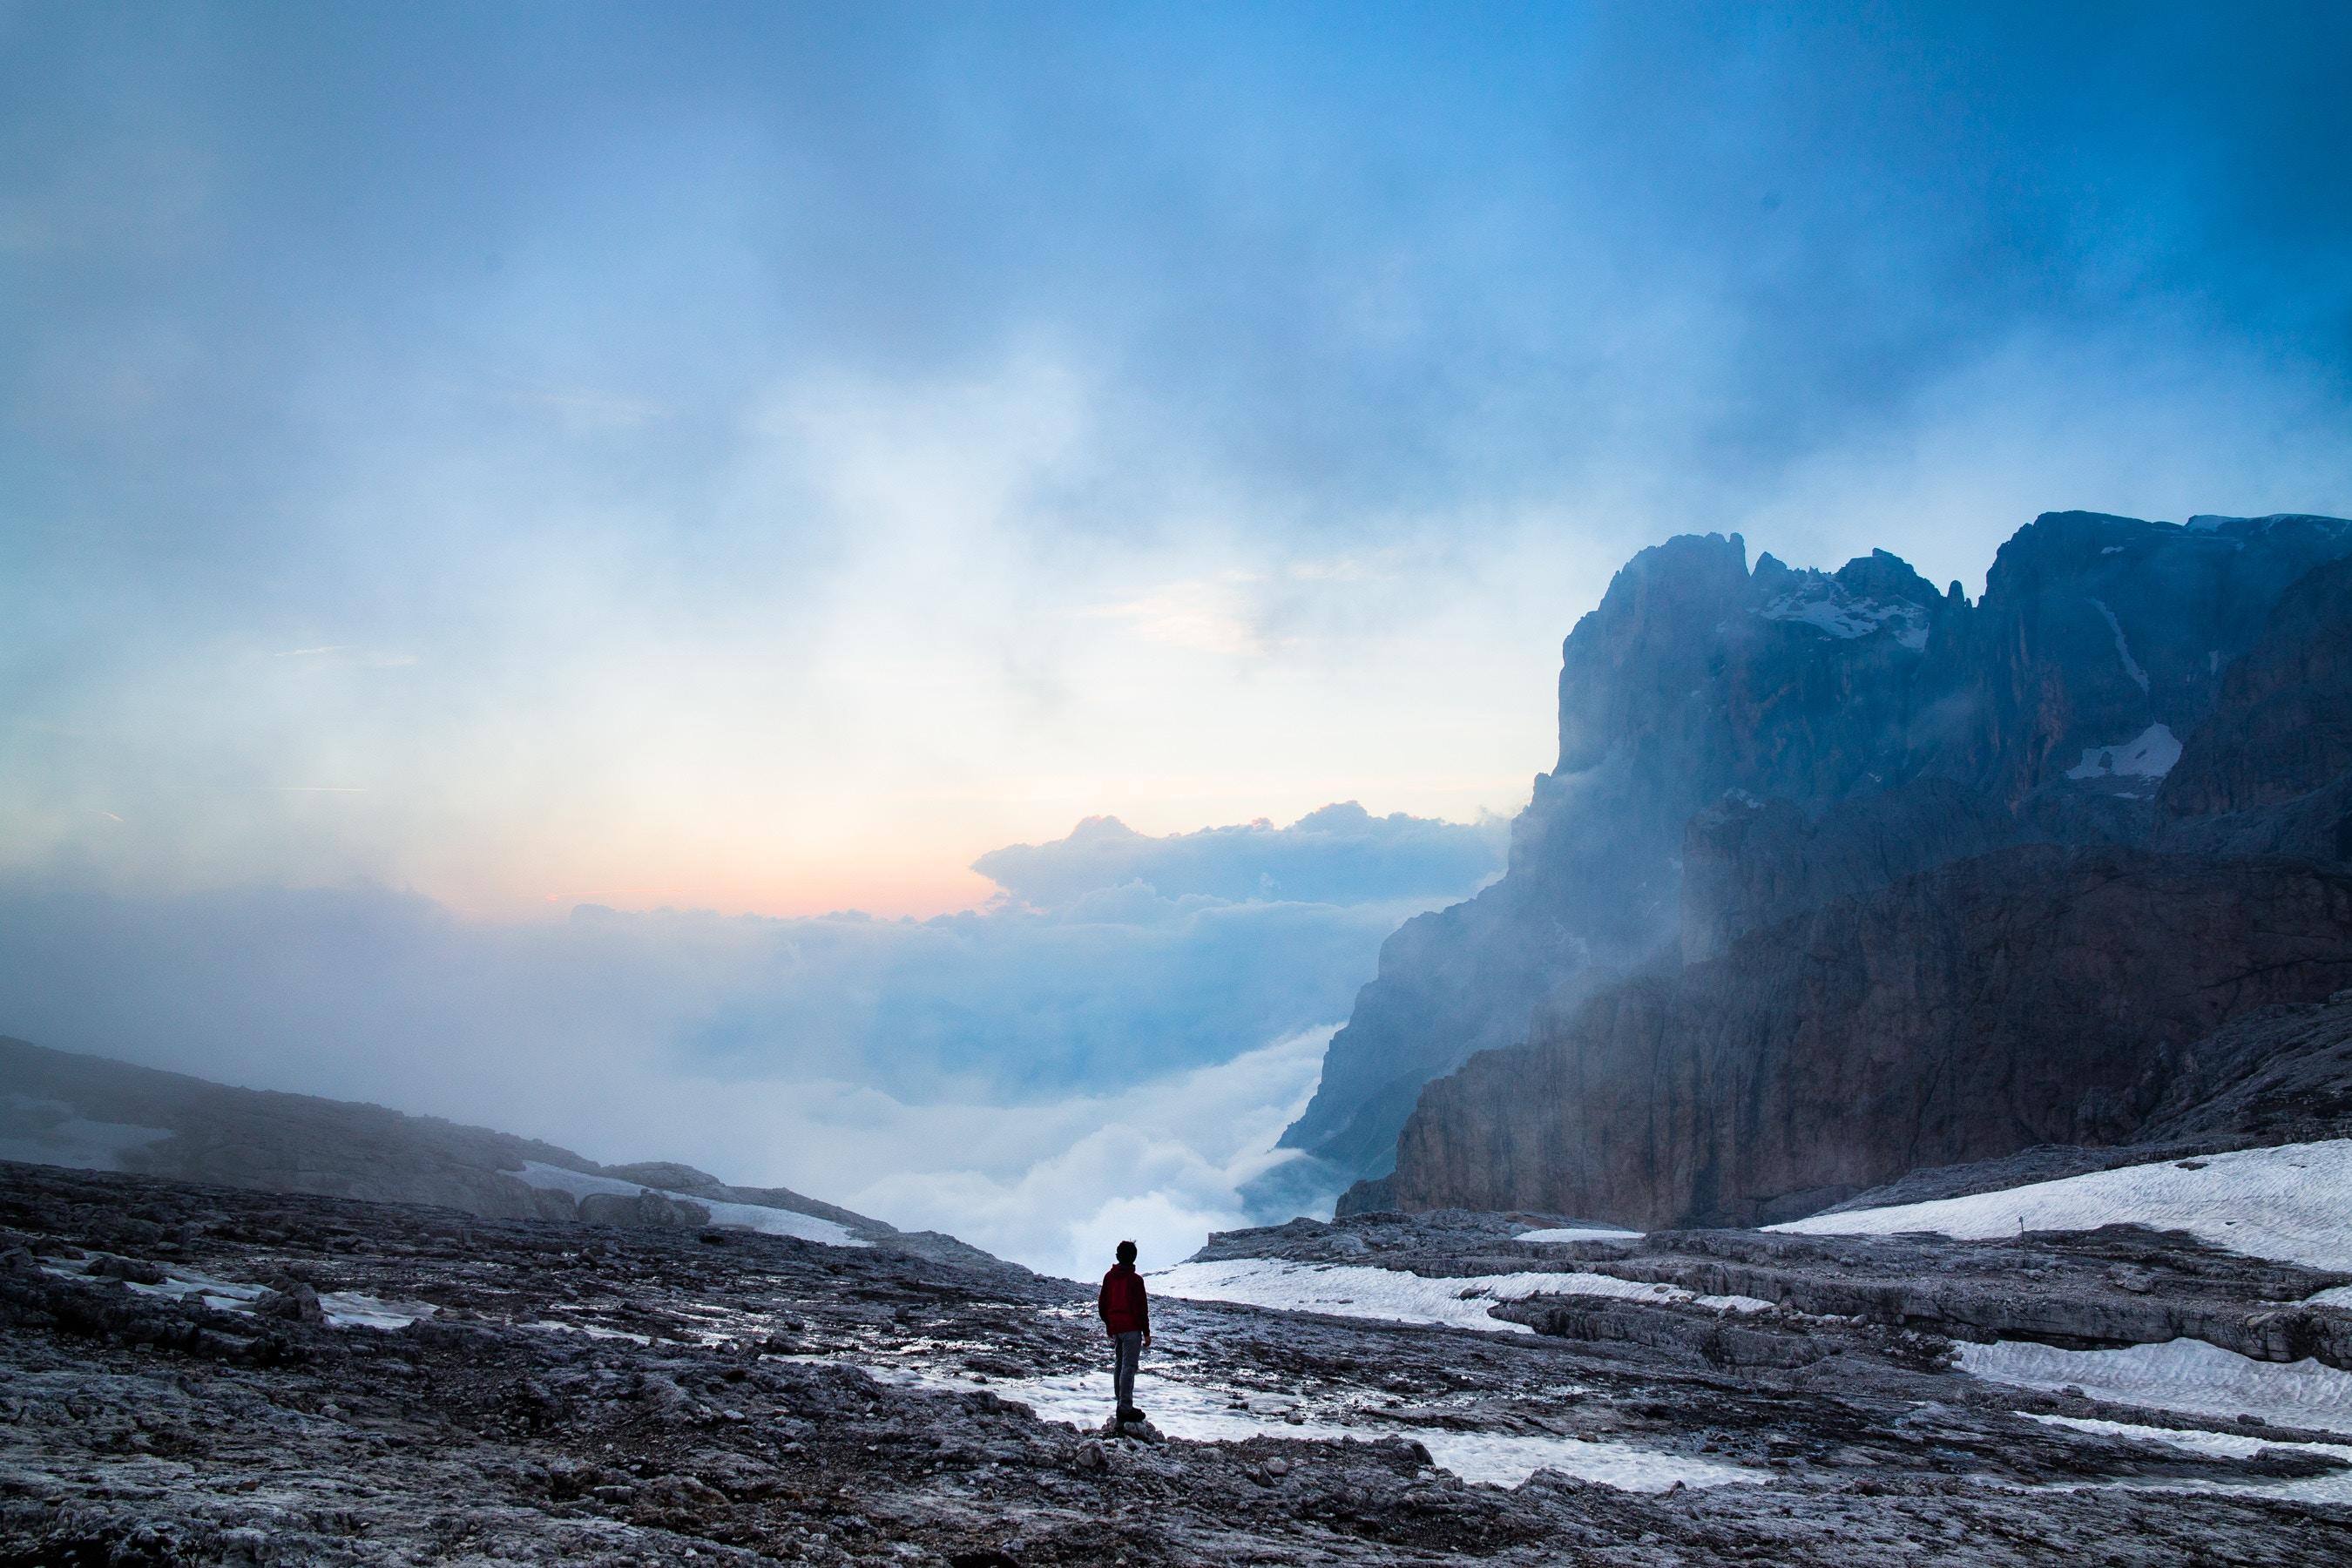 88626 Hintergrundbild 1080x1920 kostenlos auf deinem Handy, lade Bilder Natur, Mountains, Italien, Nebel, Einsamkeit, Dolomiten 1080x1920 auf dein Handy herunter